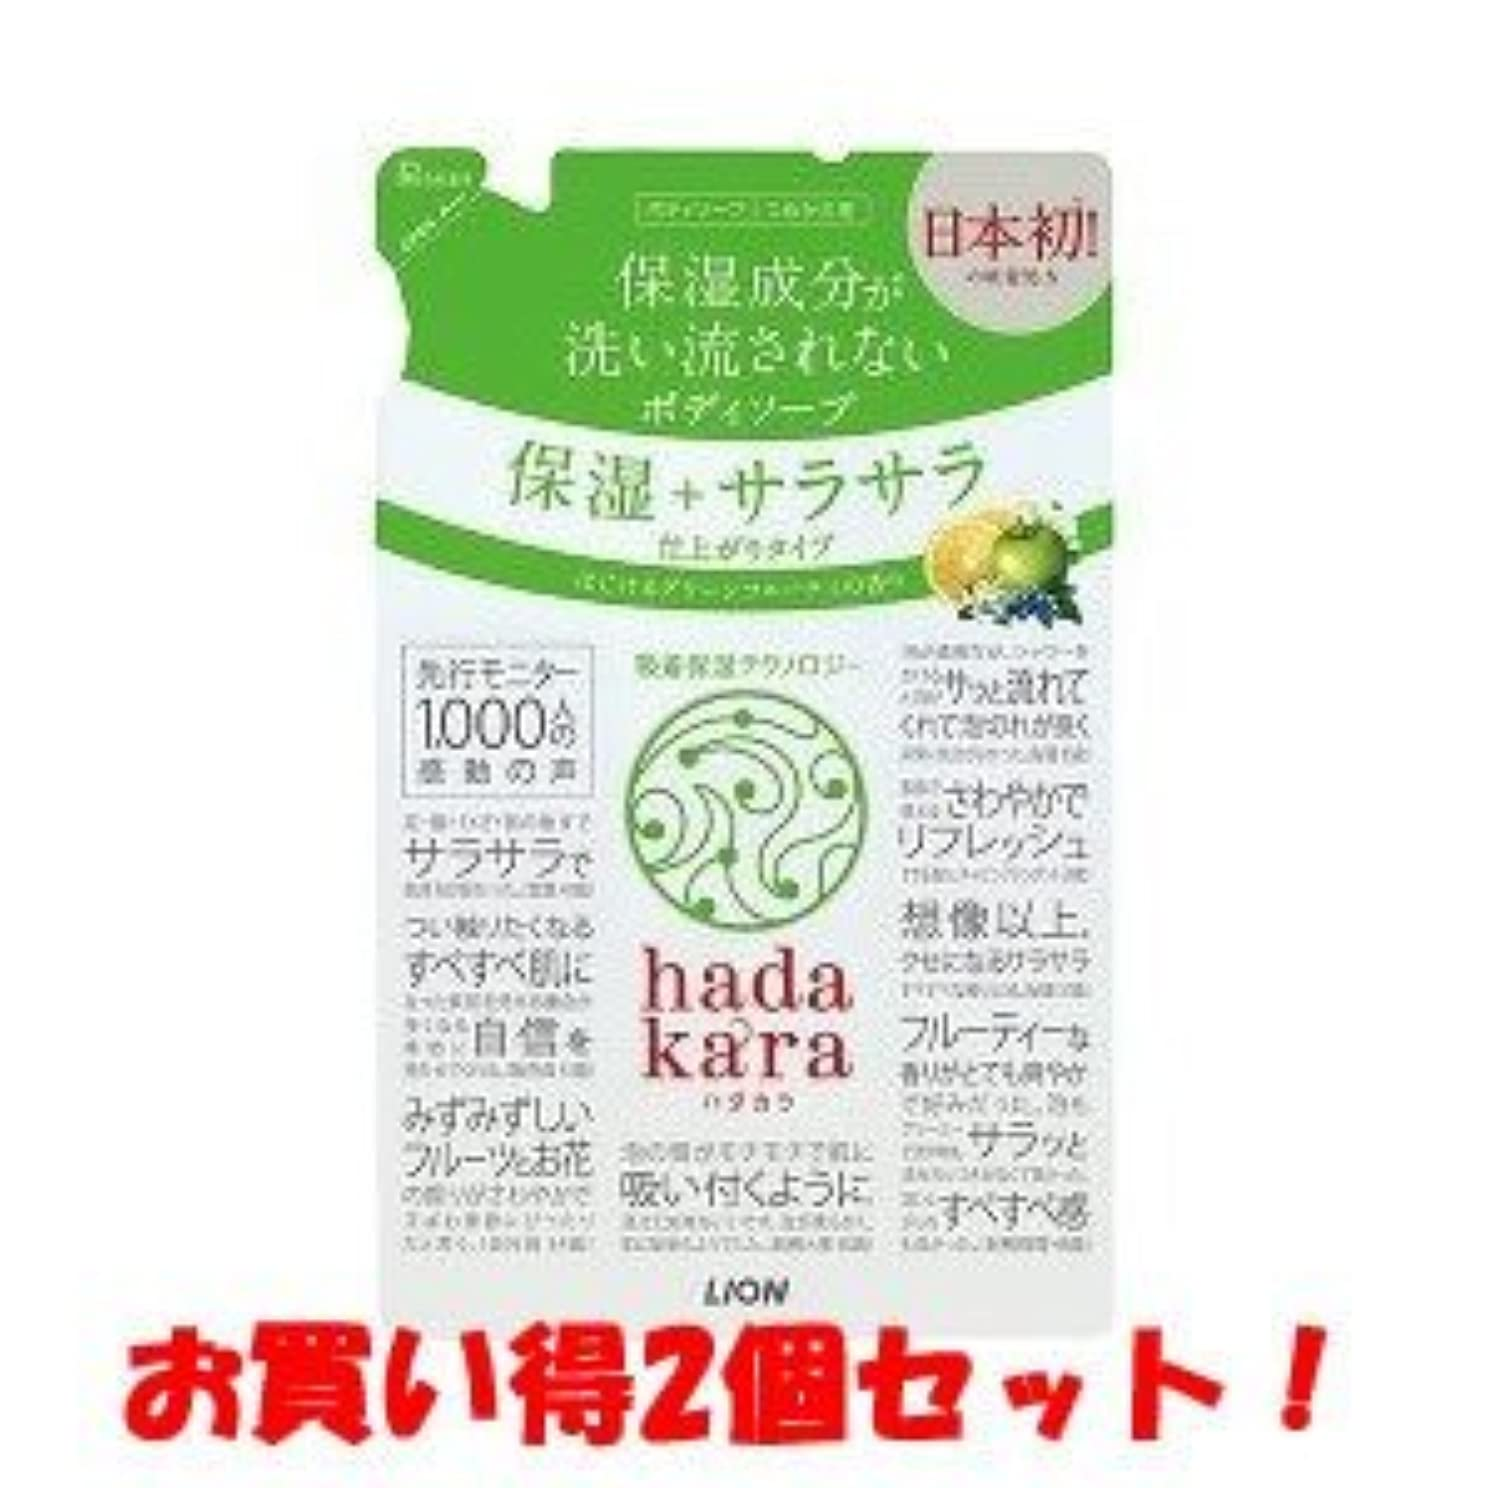 研磨熱望する下線(2017年新商品)(ライオン)hadakara(ハダカラ) ボディソープ 保湿+サラサラ仕上がりタイプ グリーンフルーティの香り つめかえ用 340ml(お買い得2個セット)